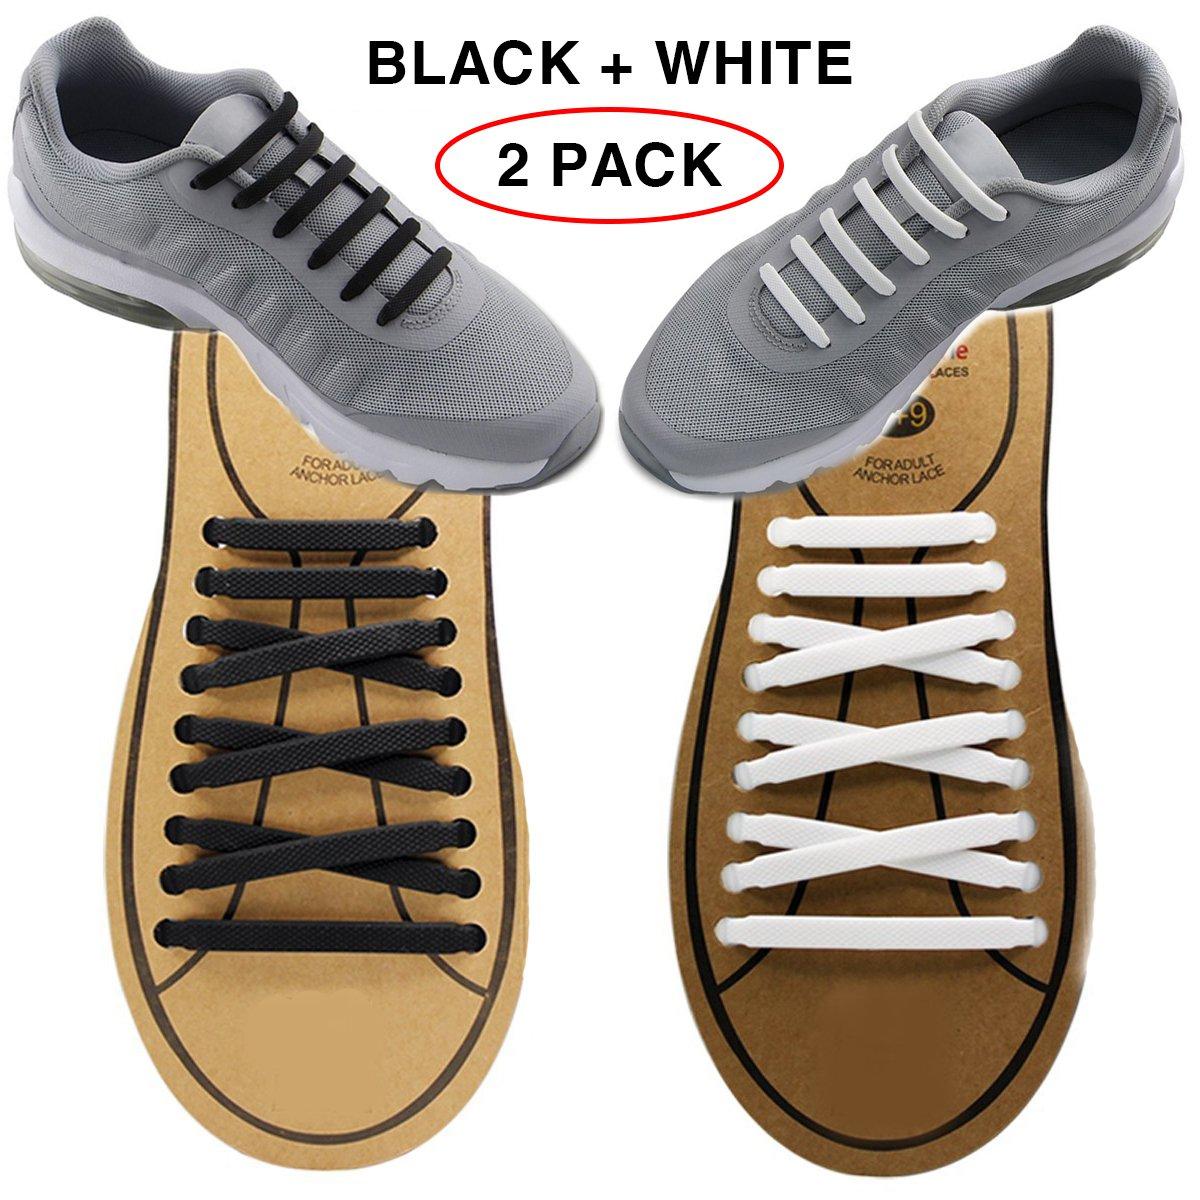 Extra No Tie Shoelaces for Men and Women – Bestのスポーツファン – 防水シリコンゴムフラットAthletic Running Shoe Lacesマルチカラースニーカーブーツボードの靴およびカジュアル B076TBGR1F ブラック+ホワイト ブラック+ホワイト